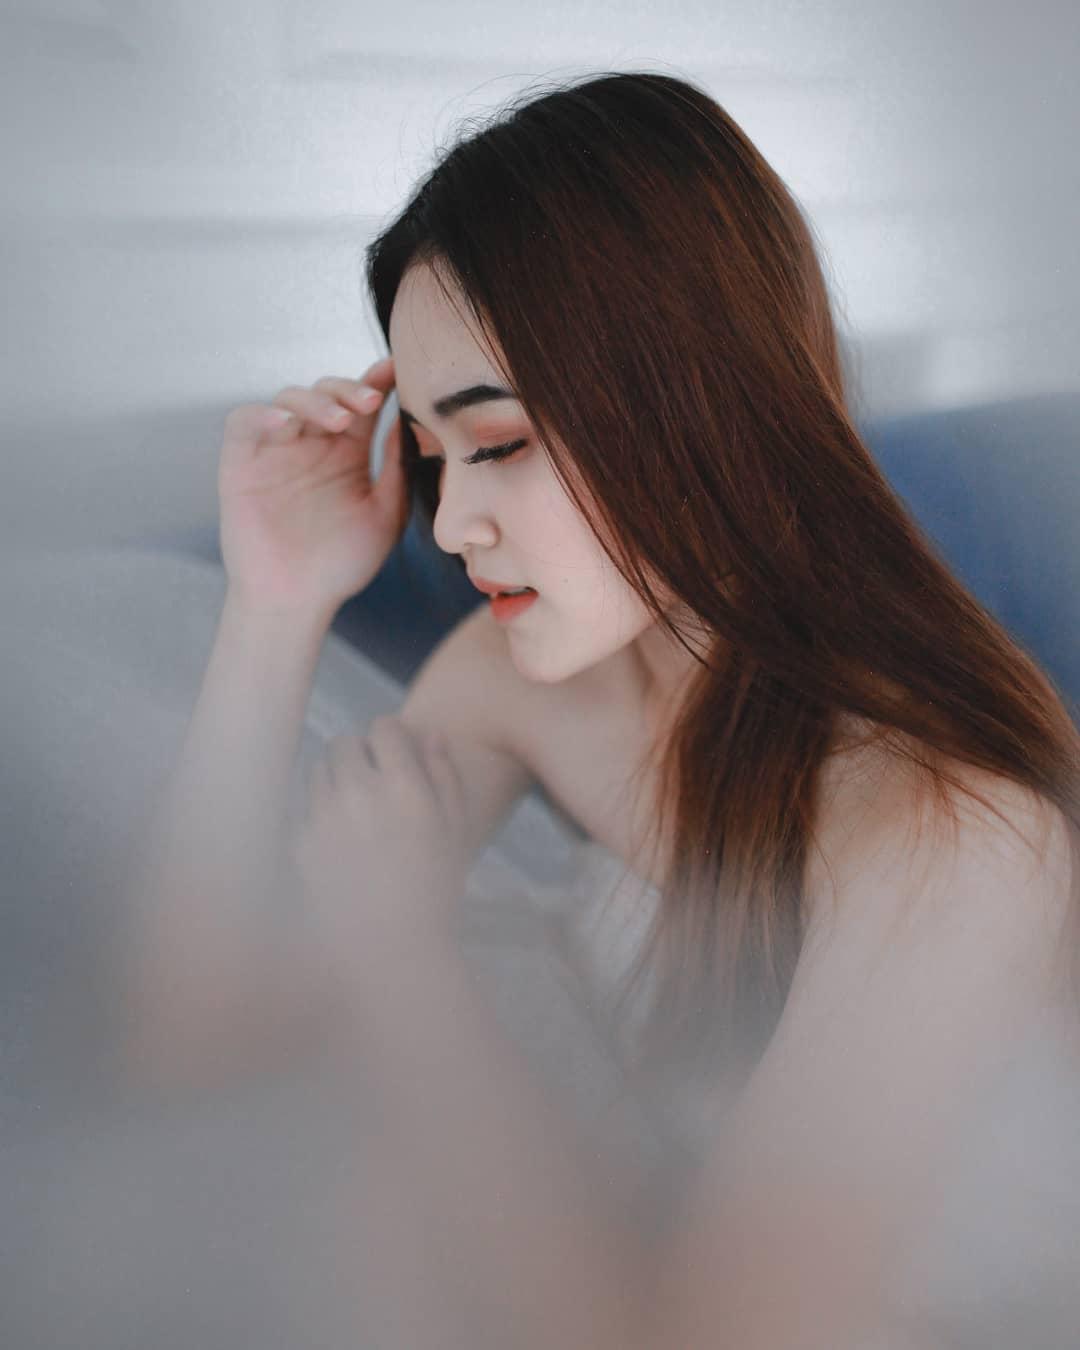 Tips Mudah Meluluhkan Hati Calon Mertua Yang Galak